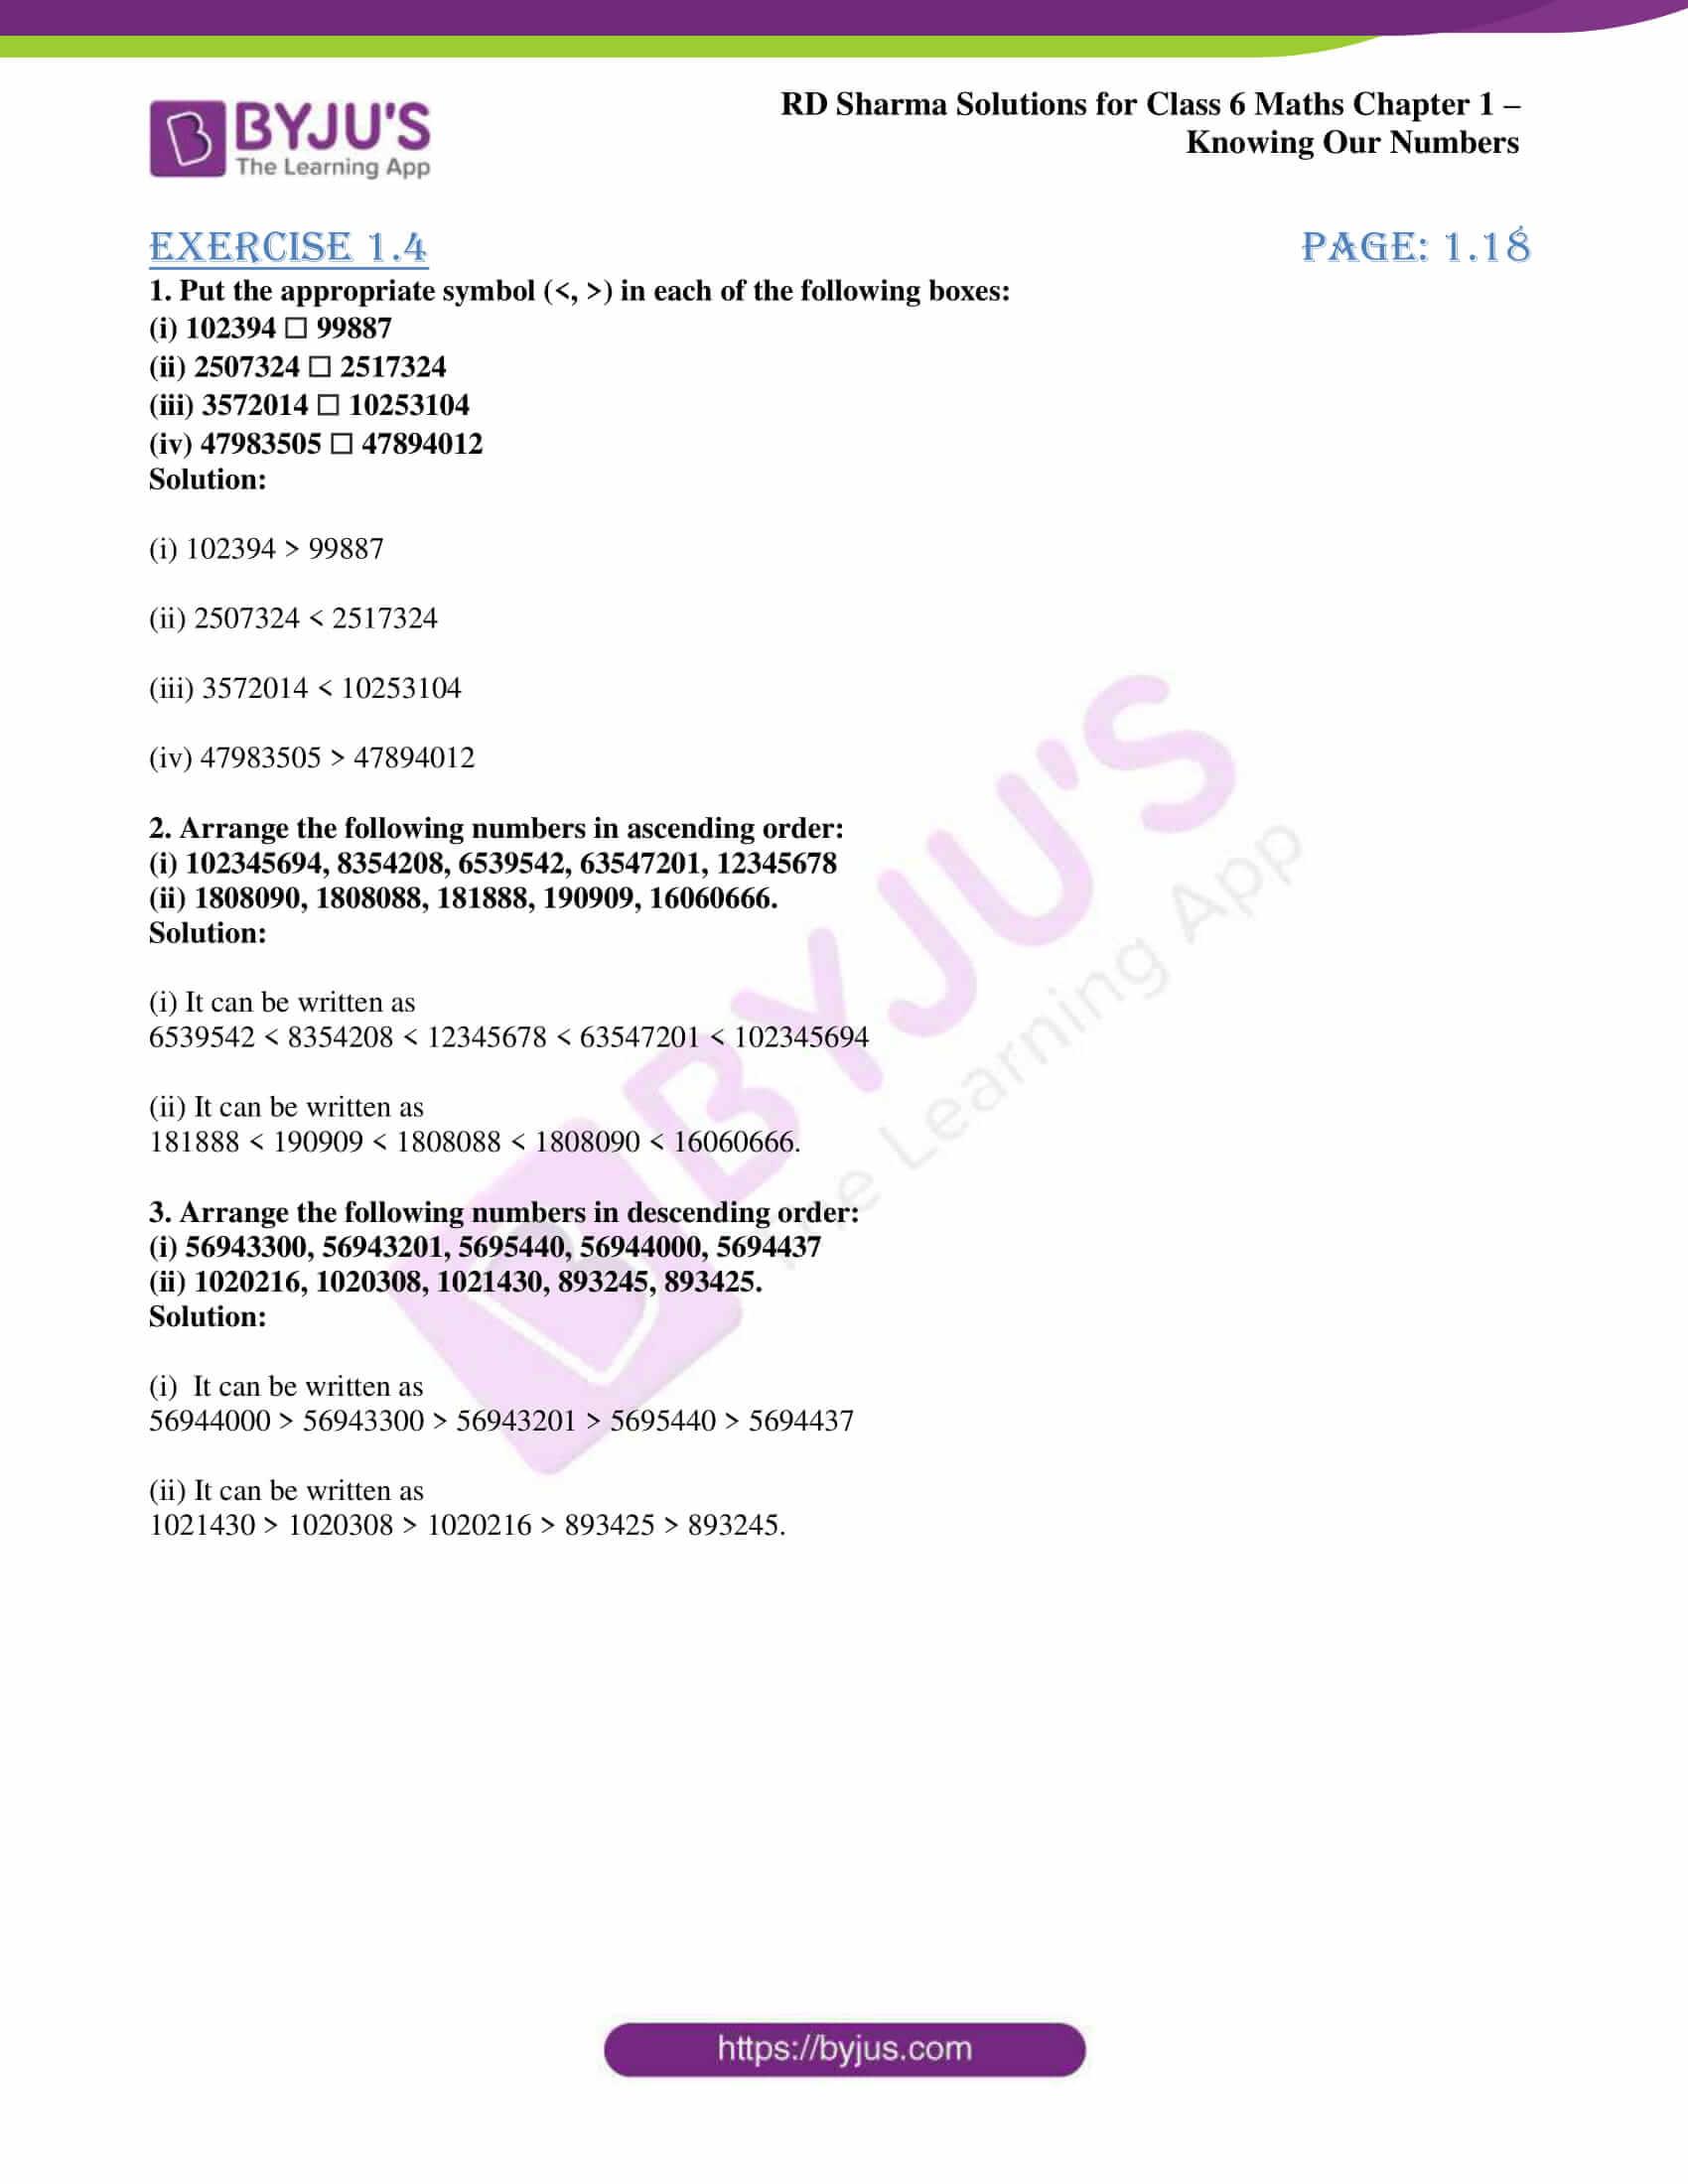 rd sharma class 6 maths solutions chapter 1 ex 4 1